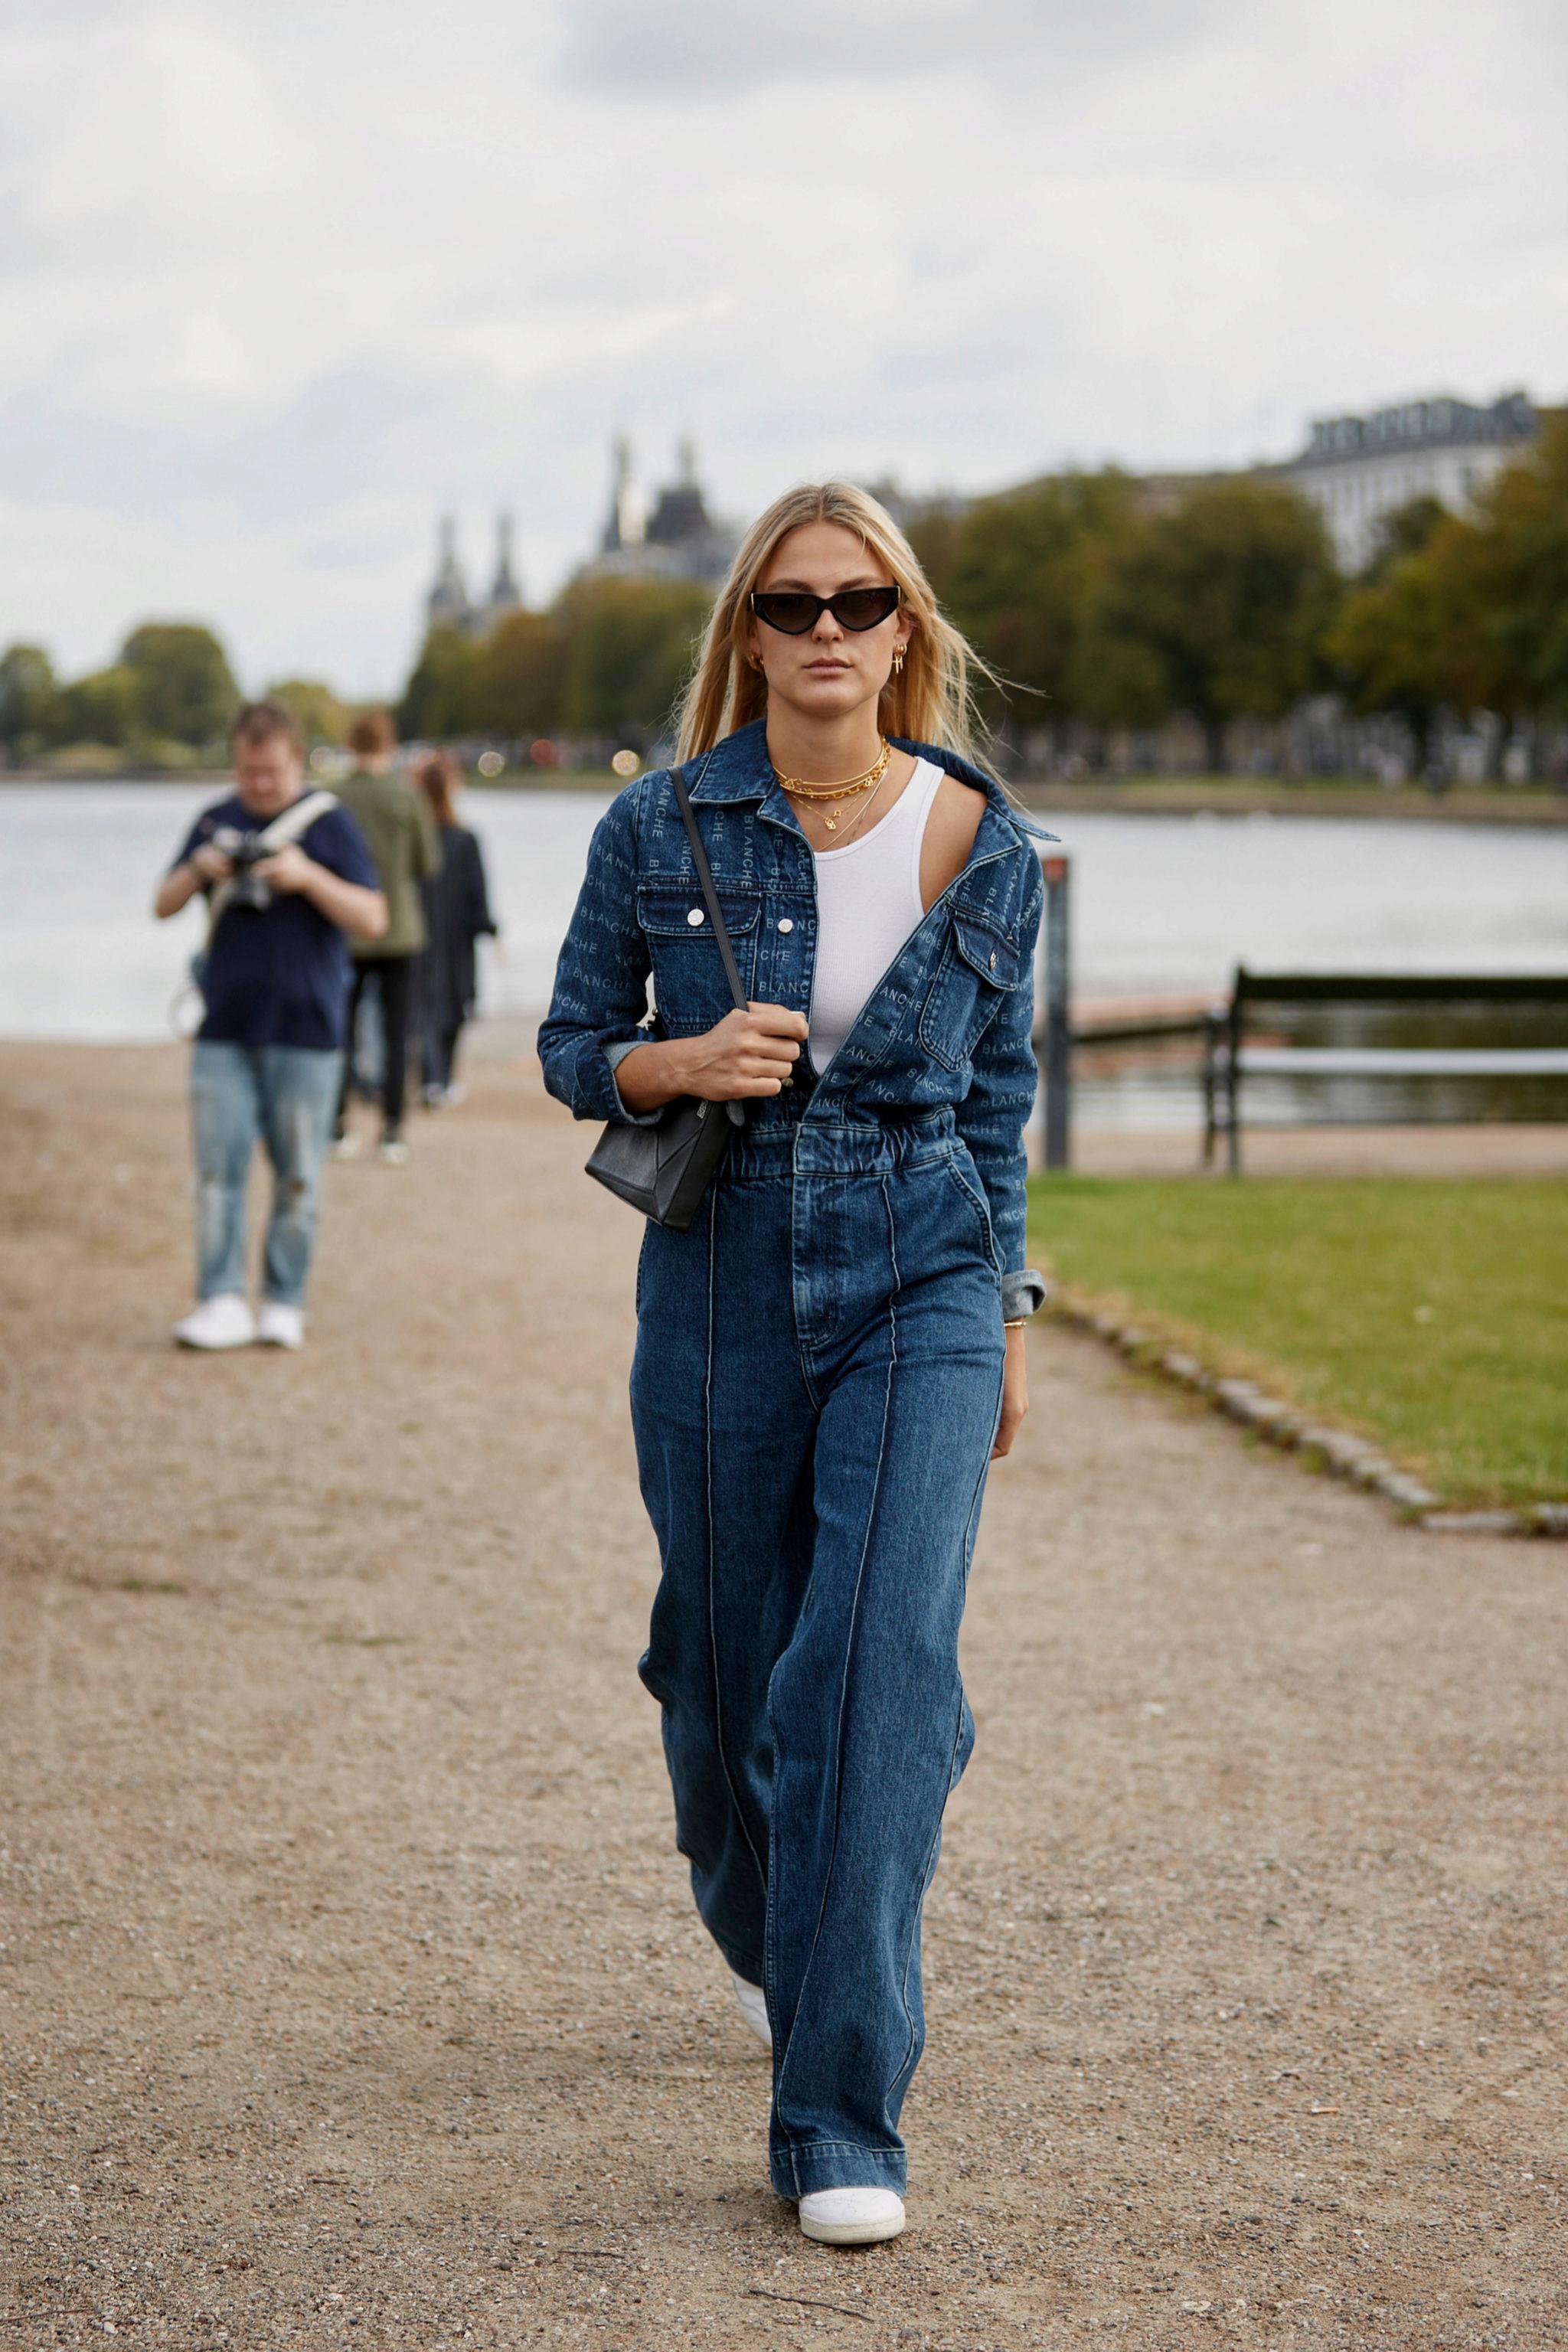 Un 'total look' en denim con zapatillas en Copenhague